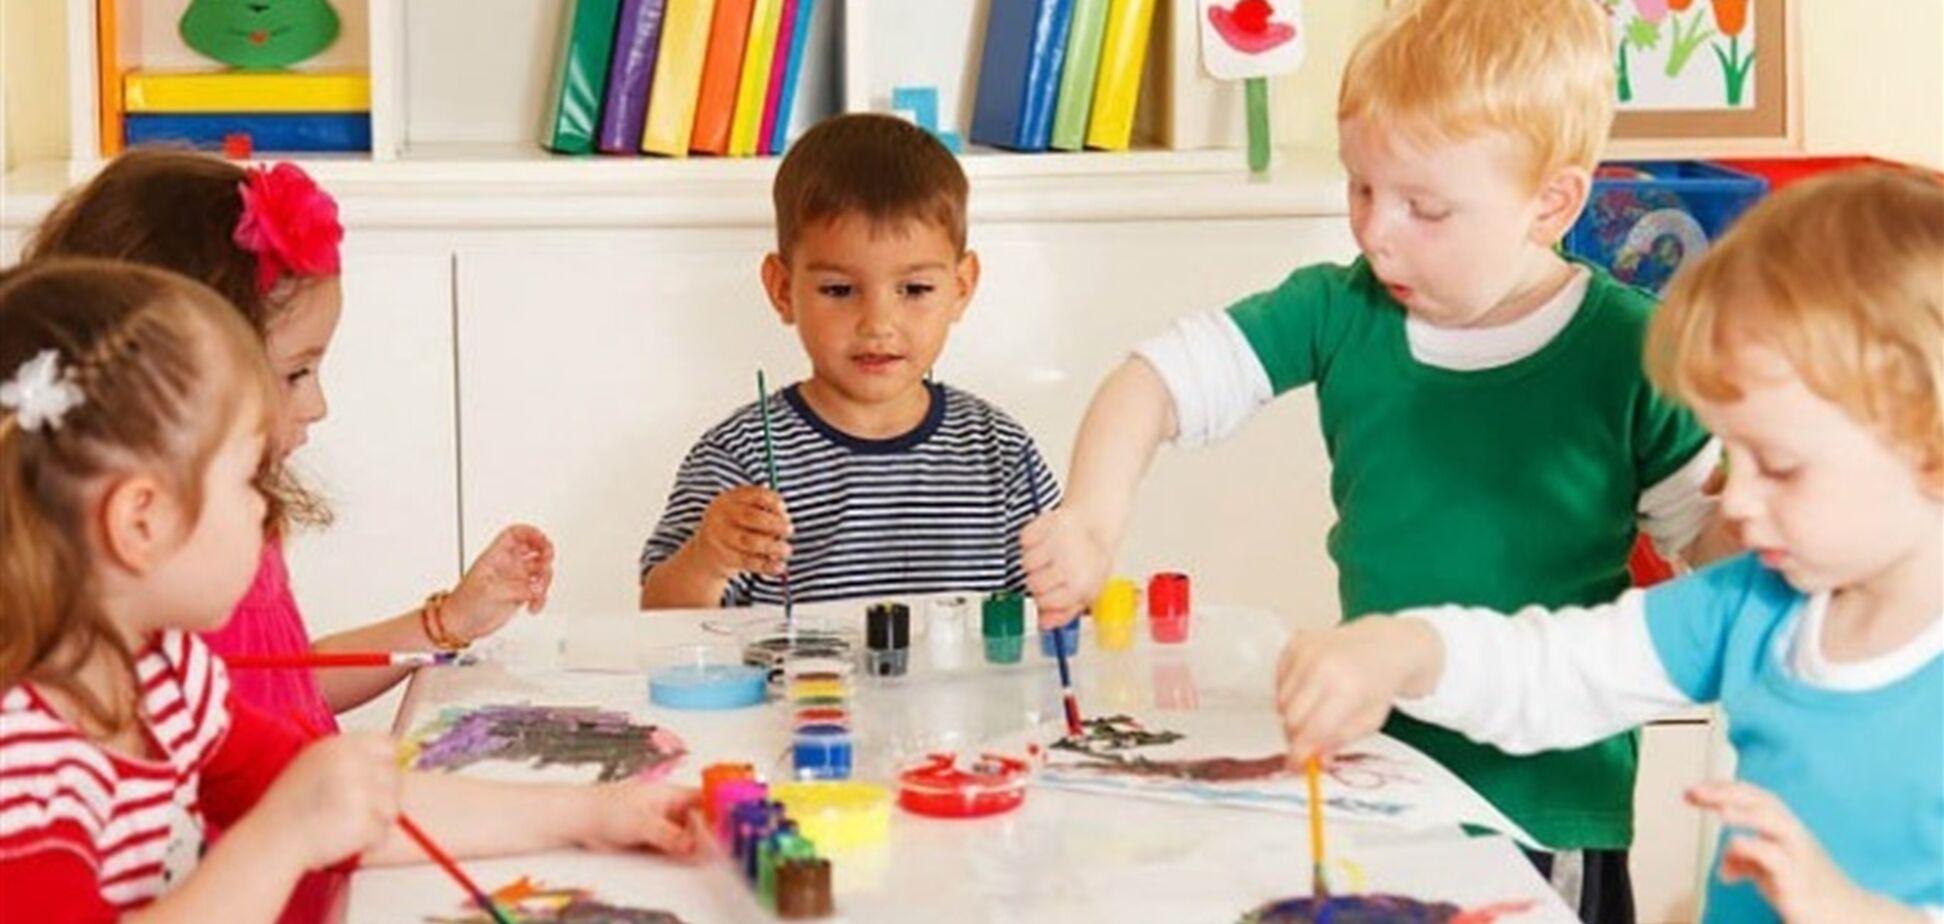 Правительство разрешило работать в детсадах не только педагогам